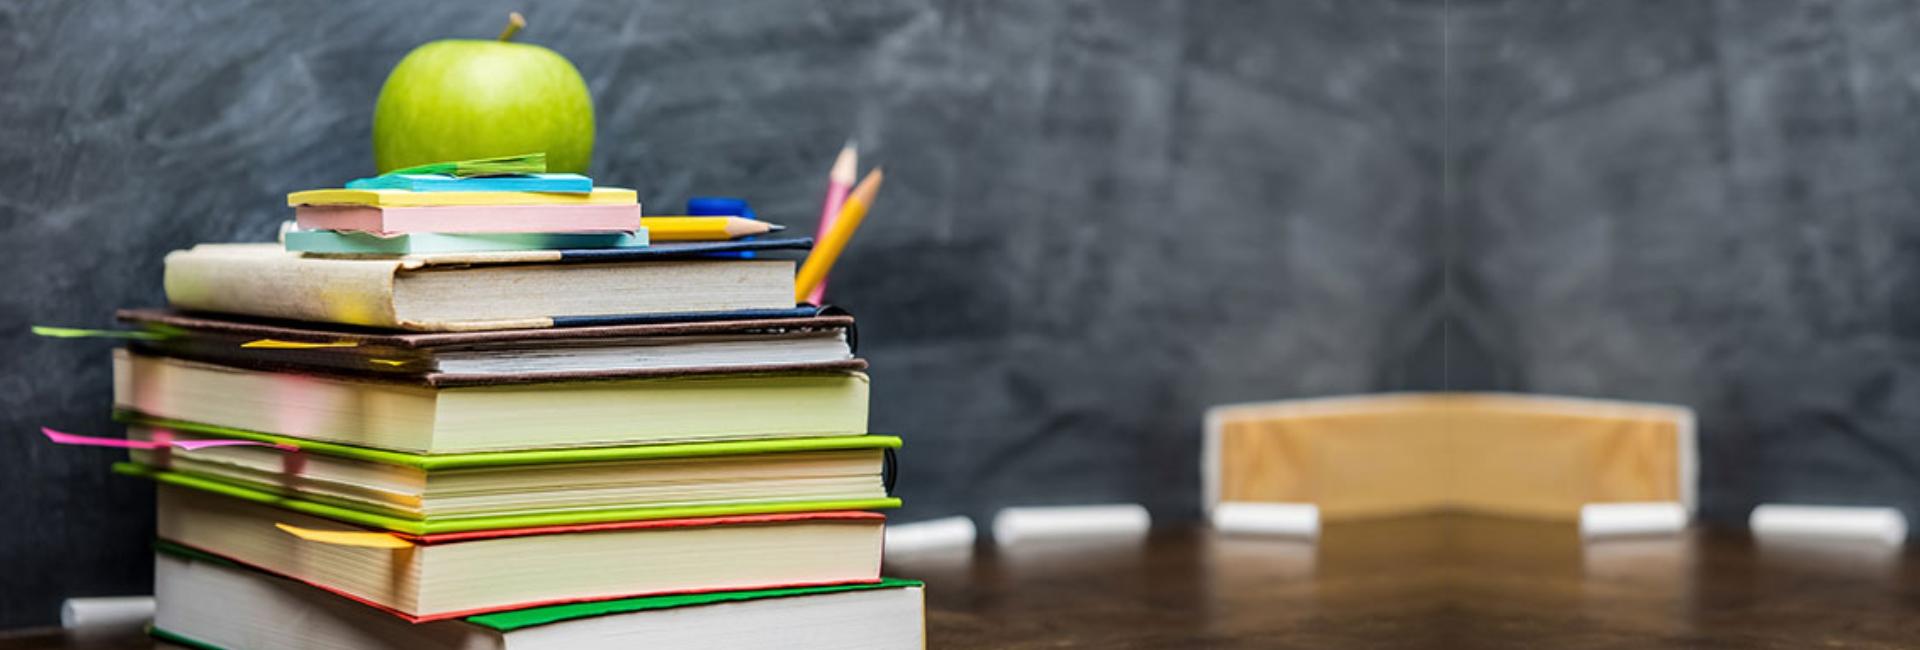 Informação: Oferta dos Manuais Escolares – Ano Letivo 2021/2022